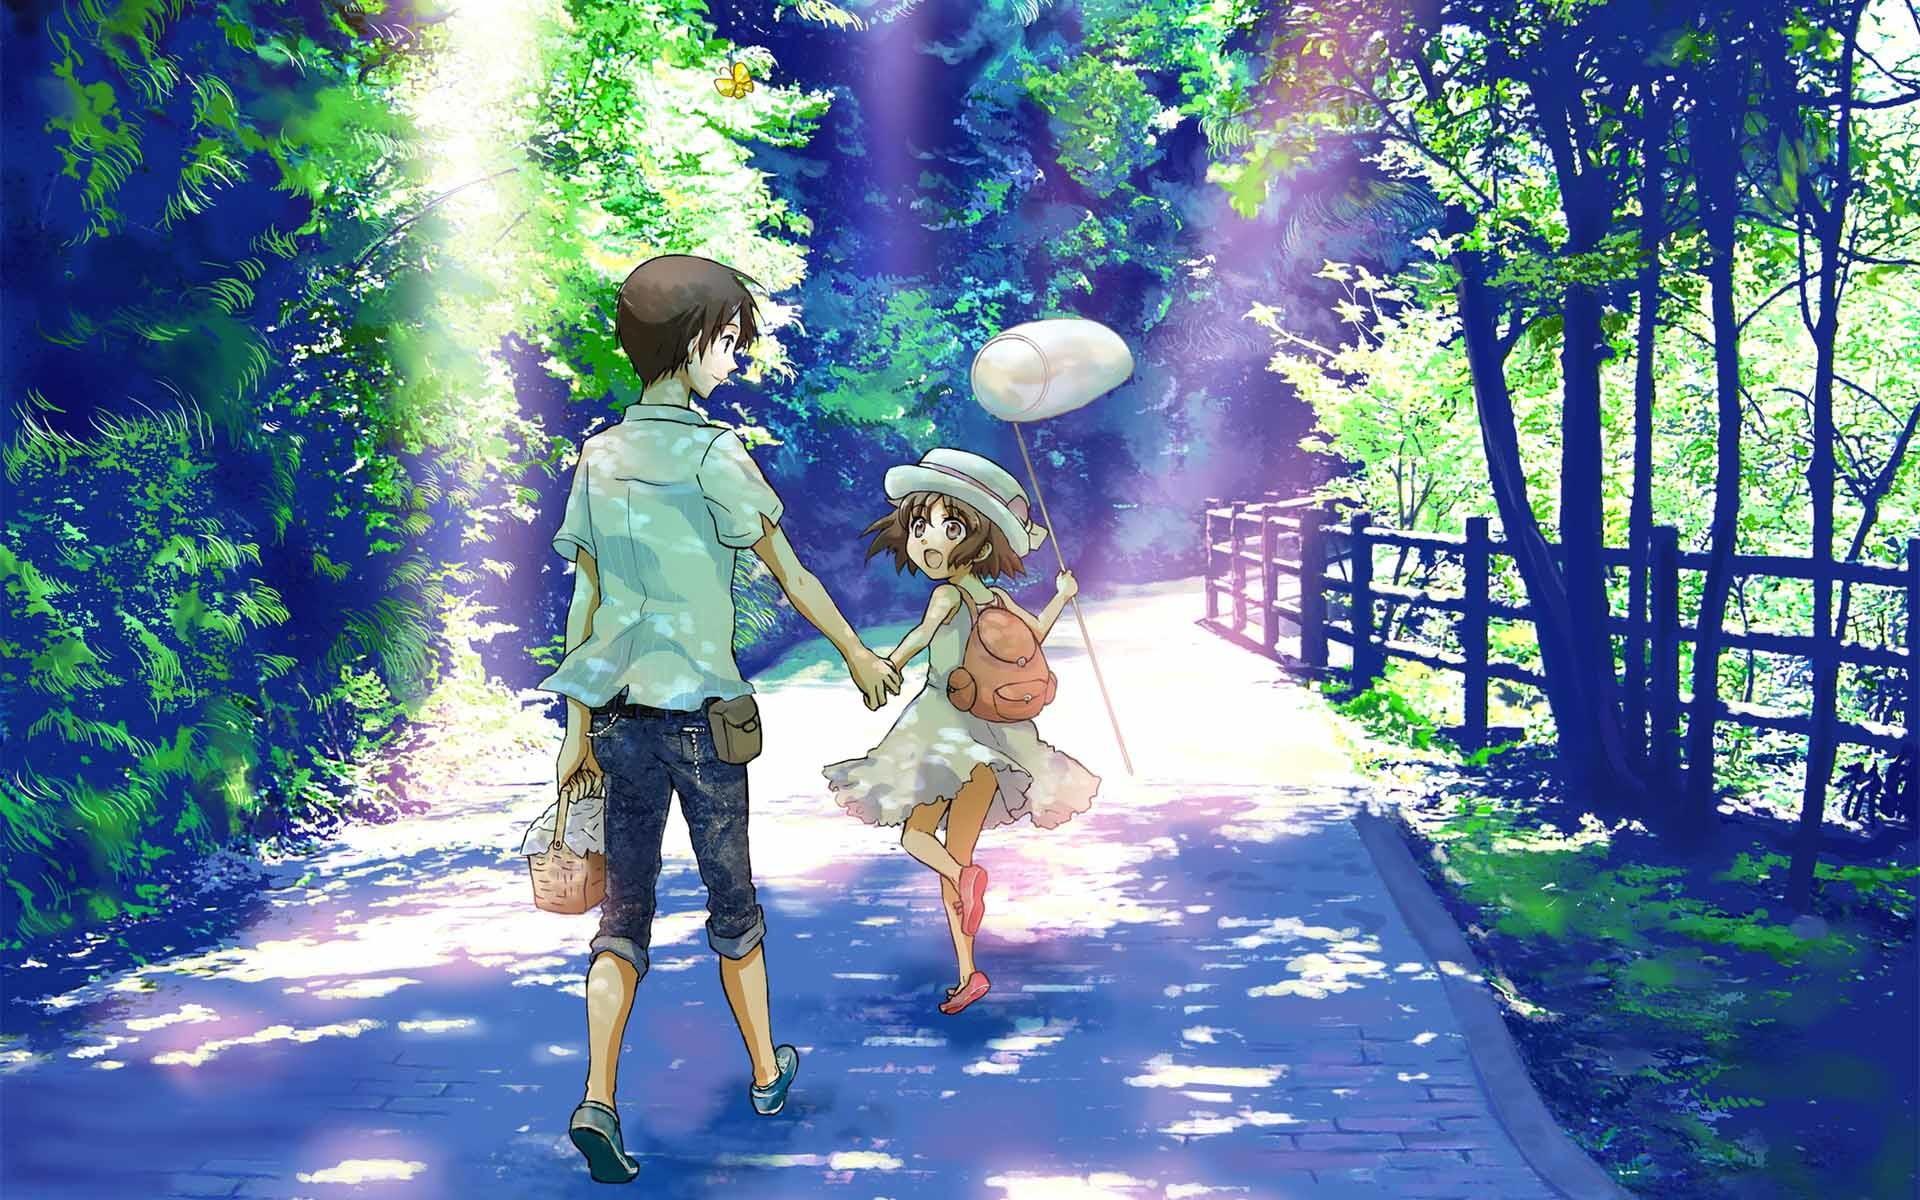 Kết quả hình ảnh cho anime tumblr love wallpaper